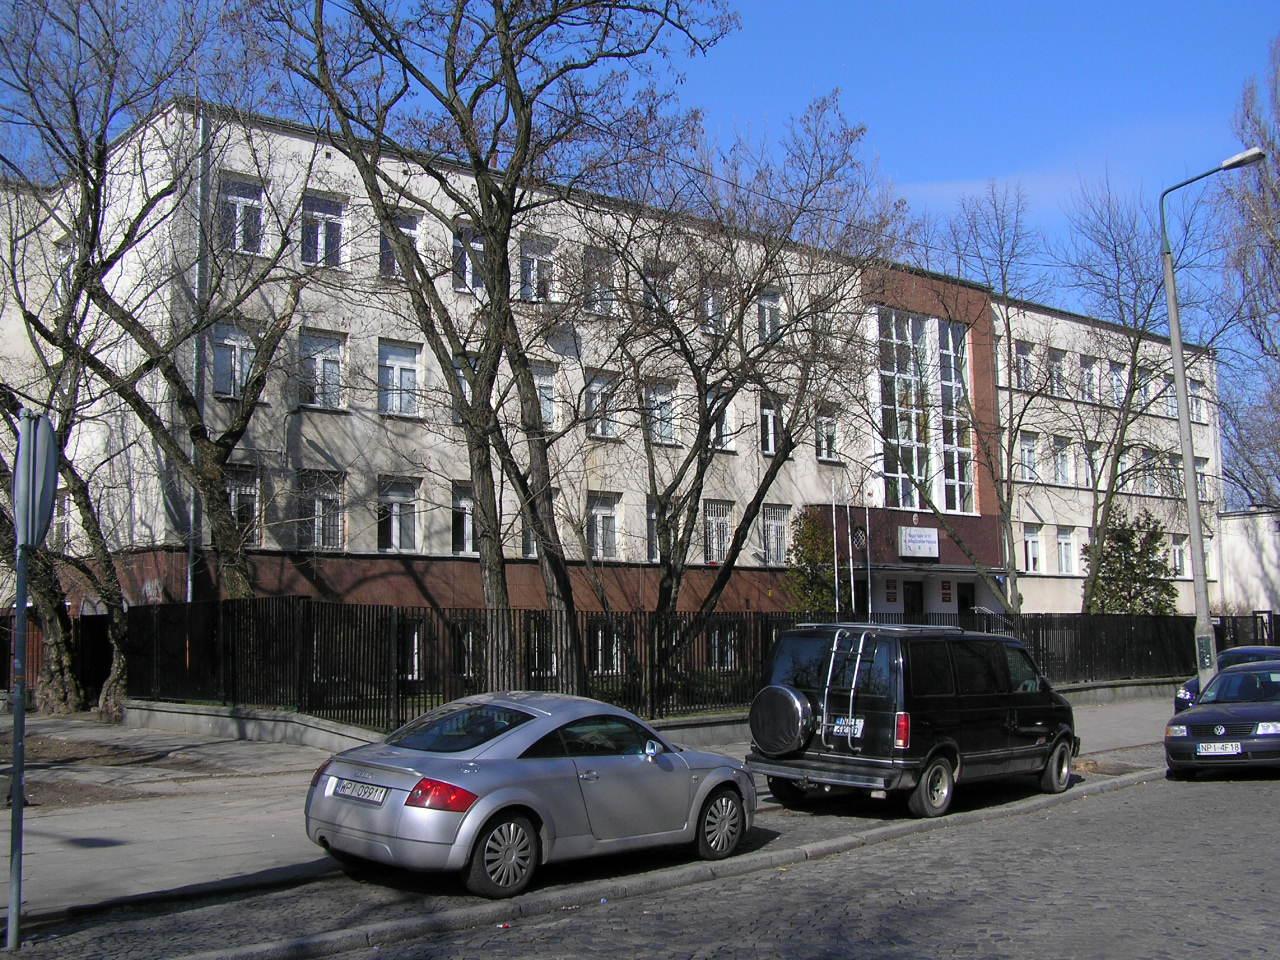 Budynek przy ulicy Siennickiej 15 na Grochowie